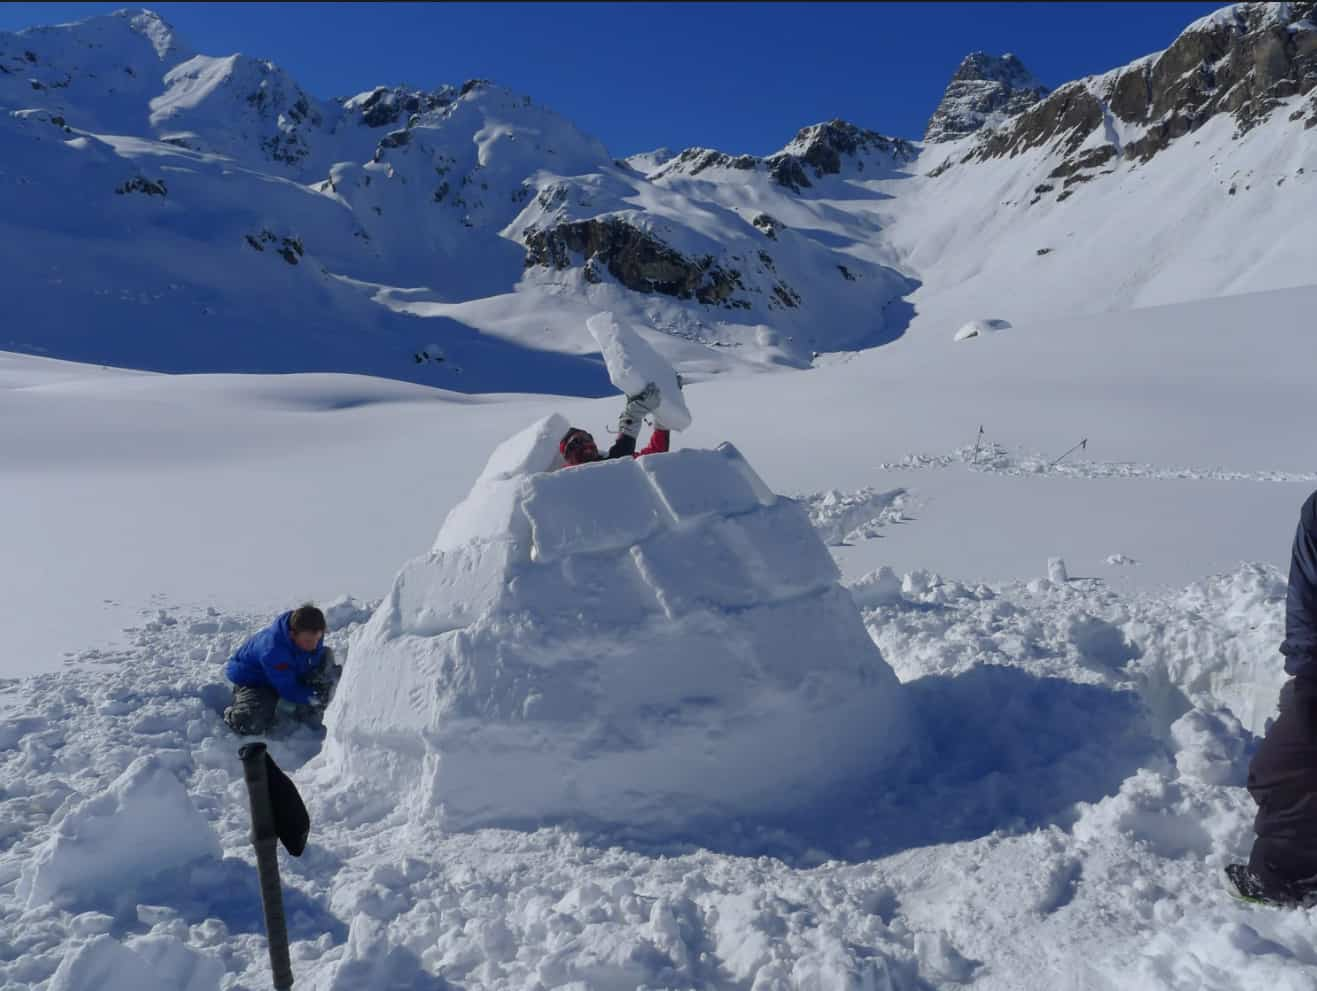 10 experiencias únicas para disfrutar de Suiza de forma diferente 6